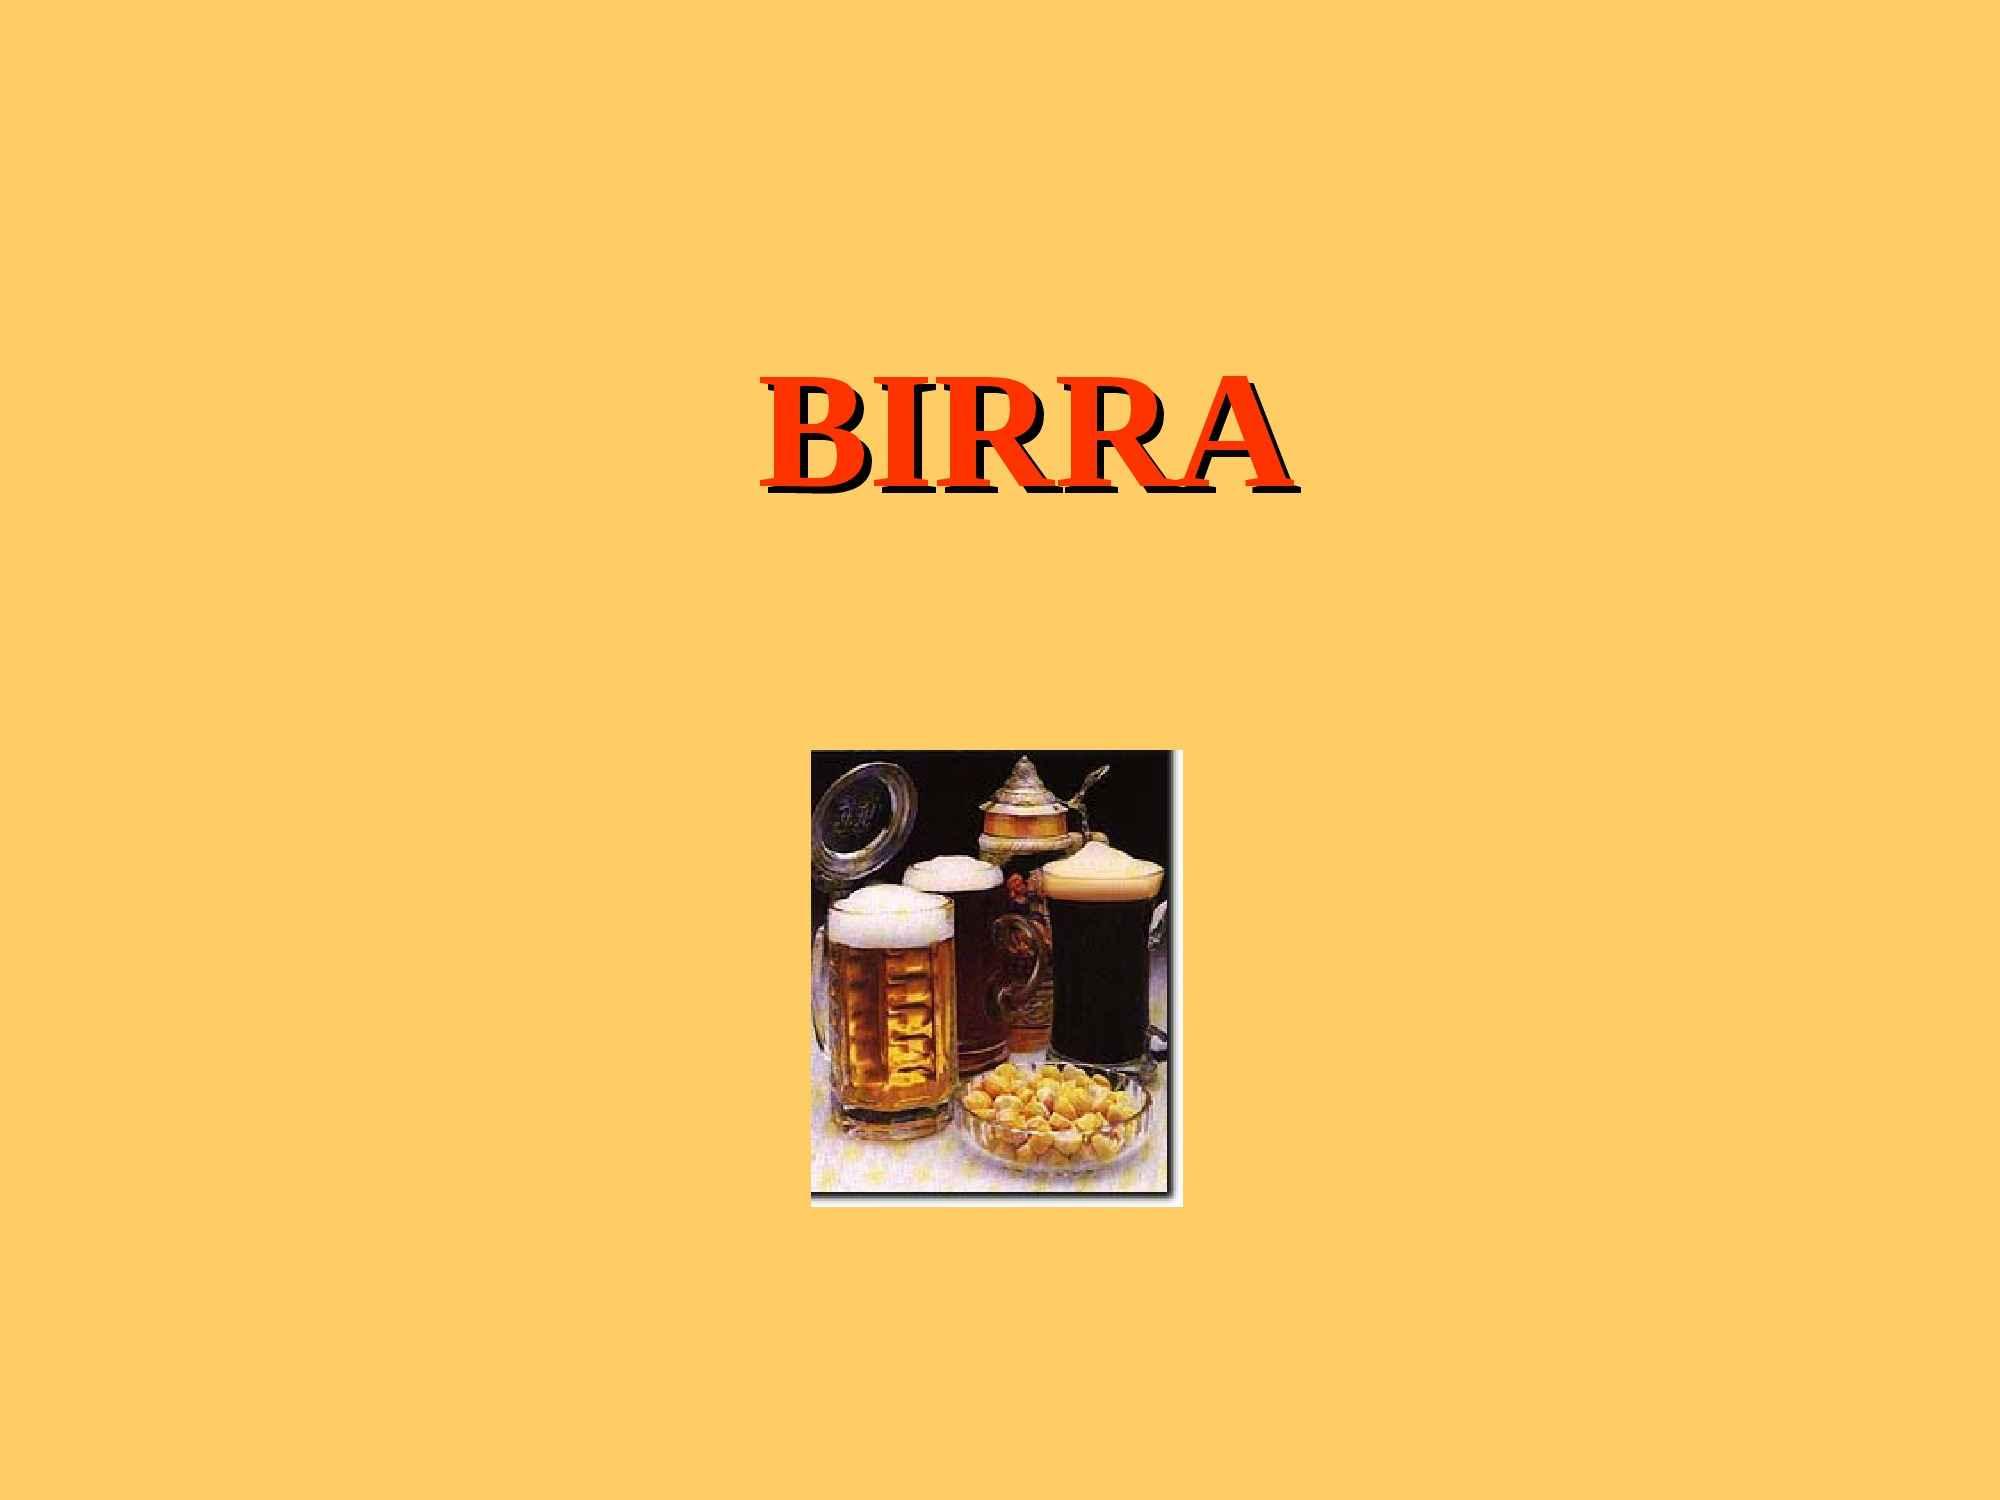 Birra - Produzione e composizione chimica